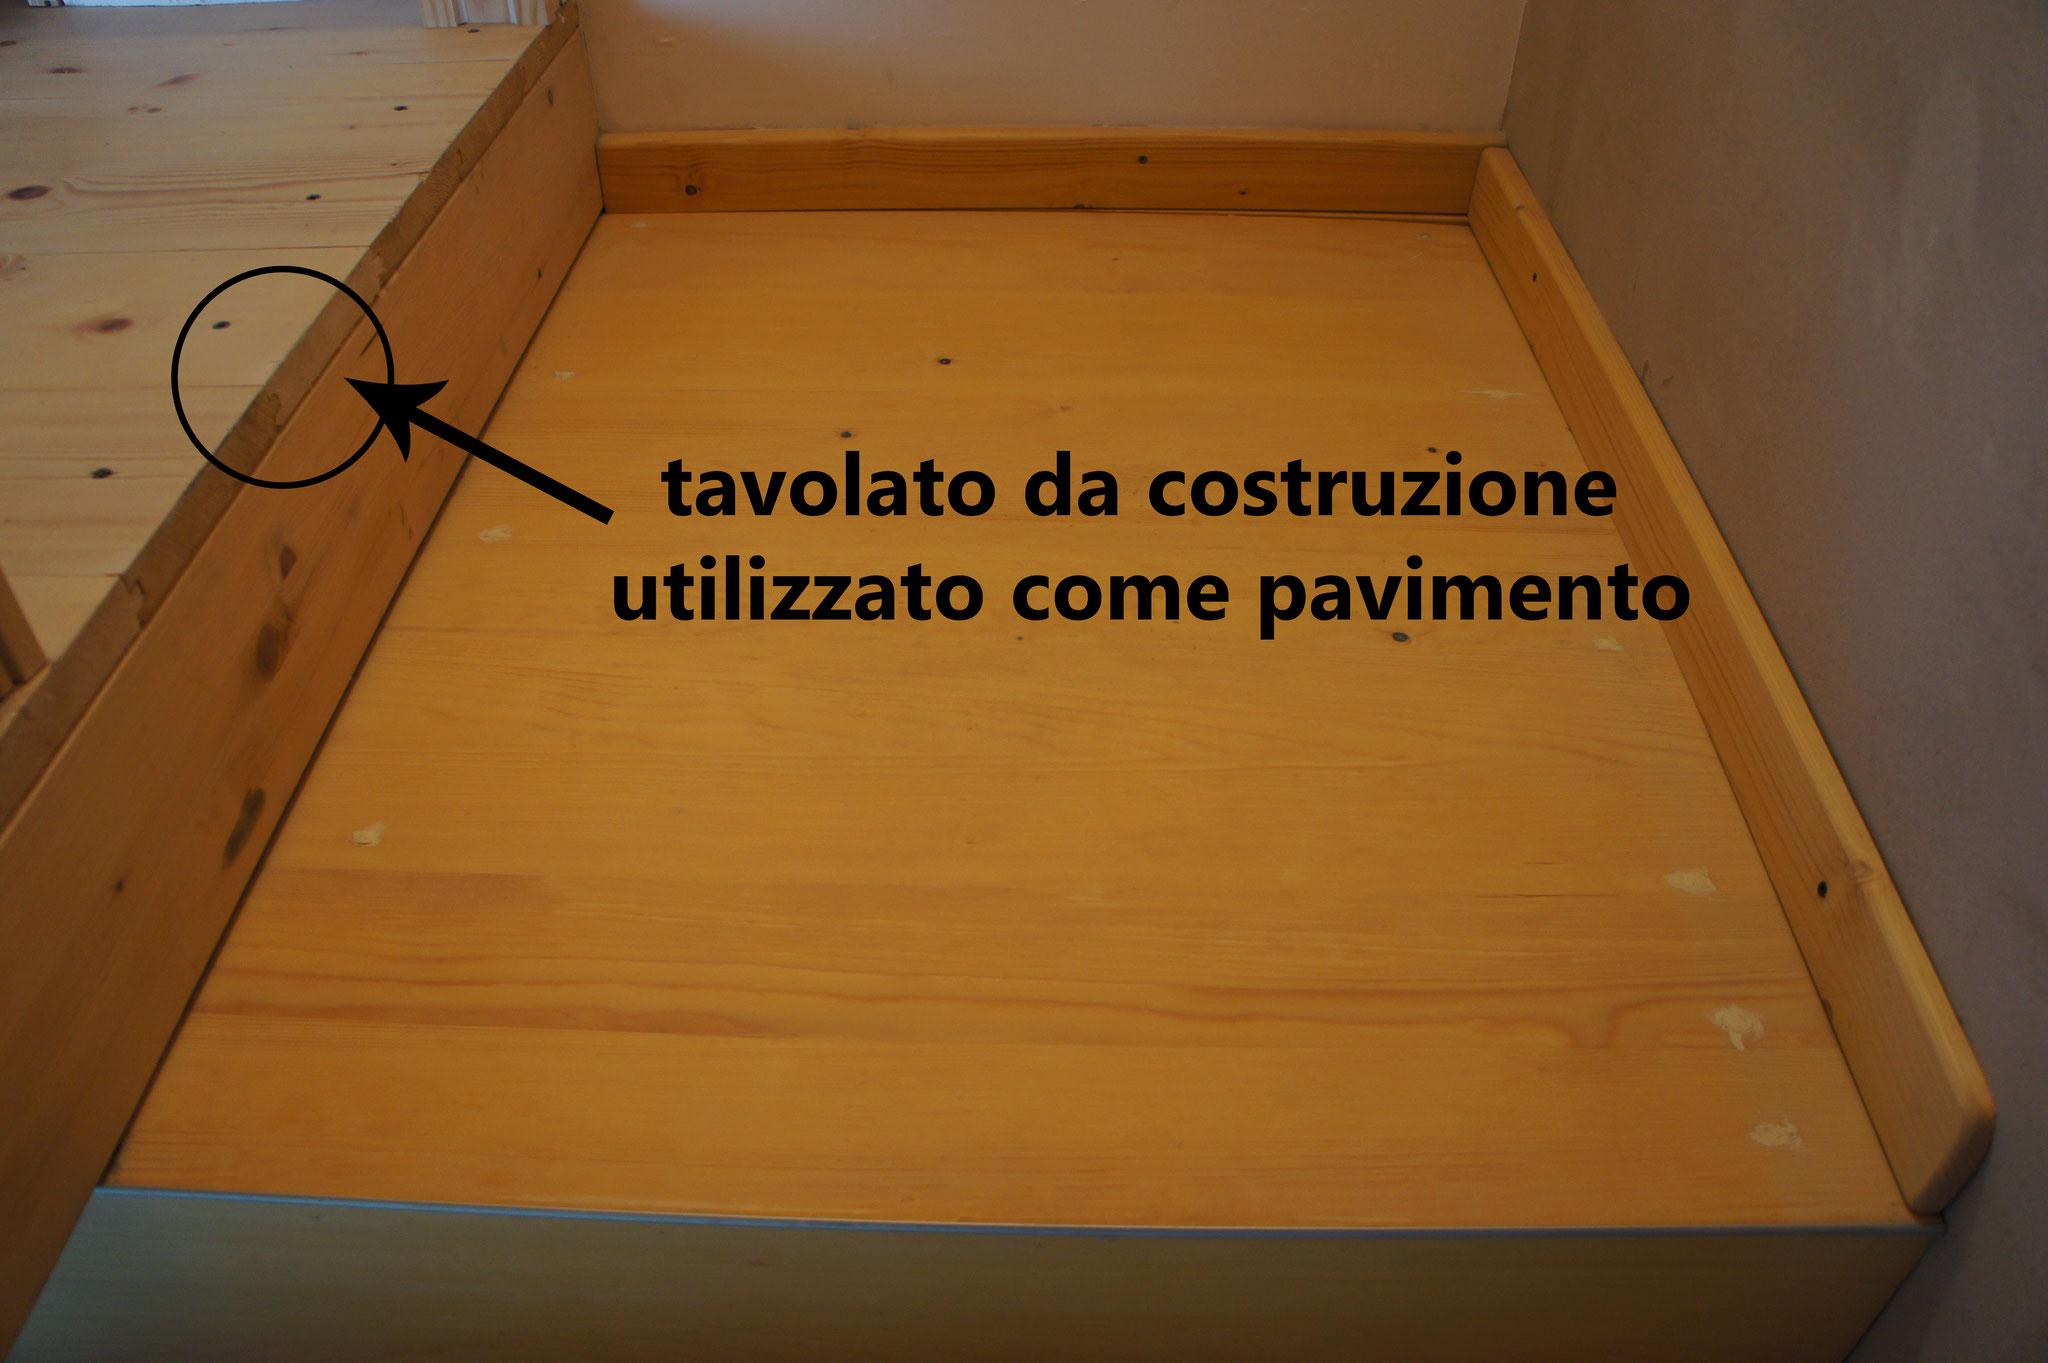 Tavolato da costruzione usato direttamente come pavimento (DA RIFINIRE)